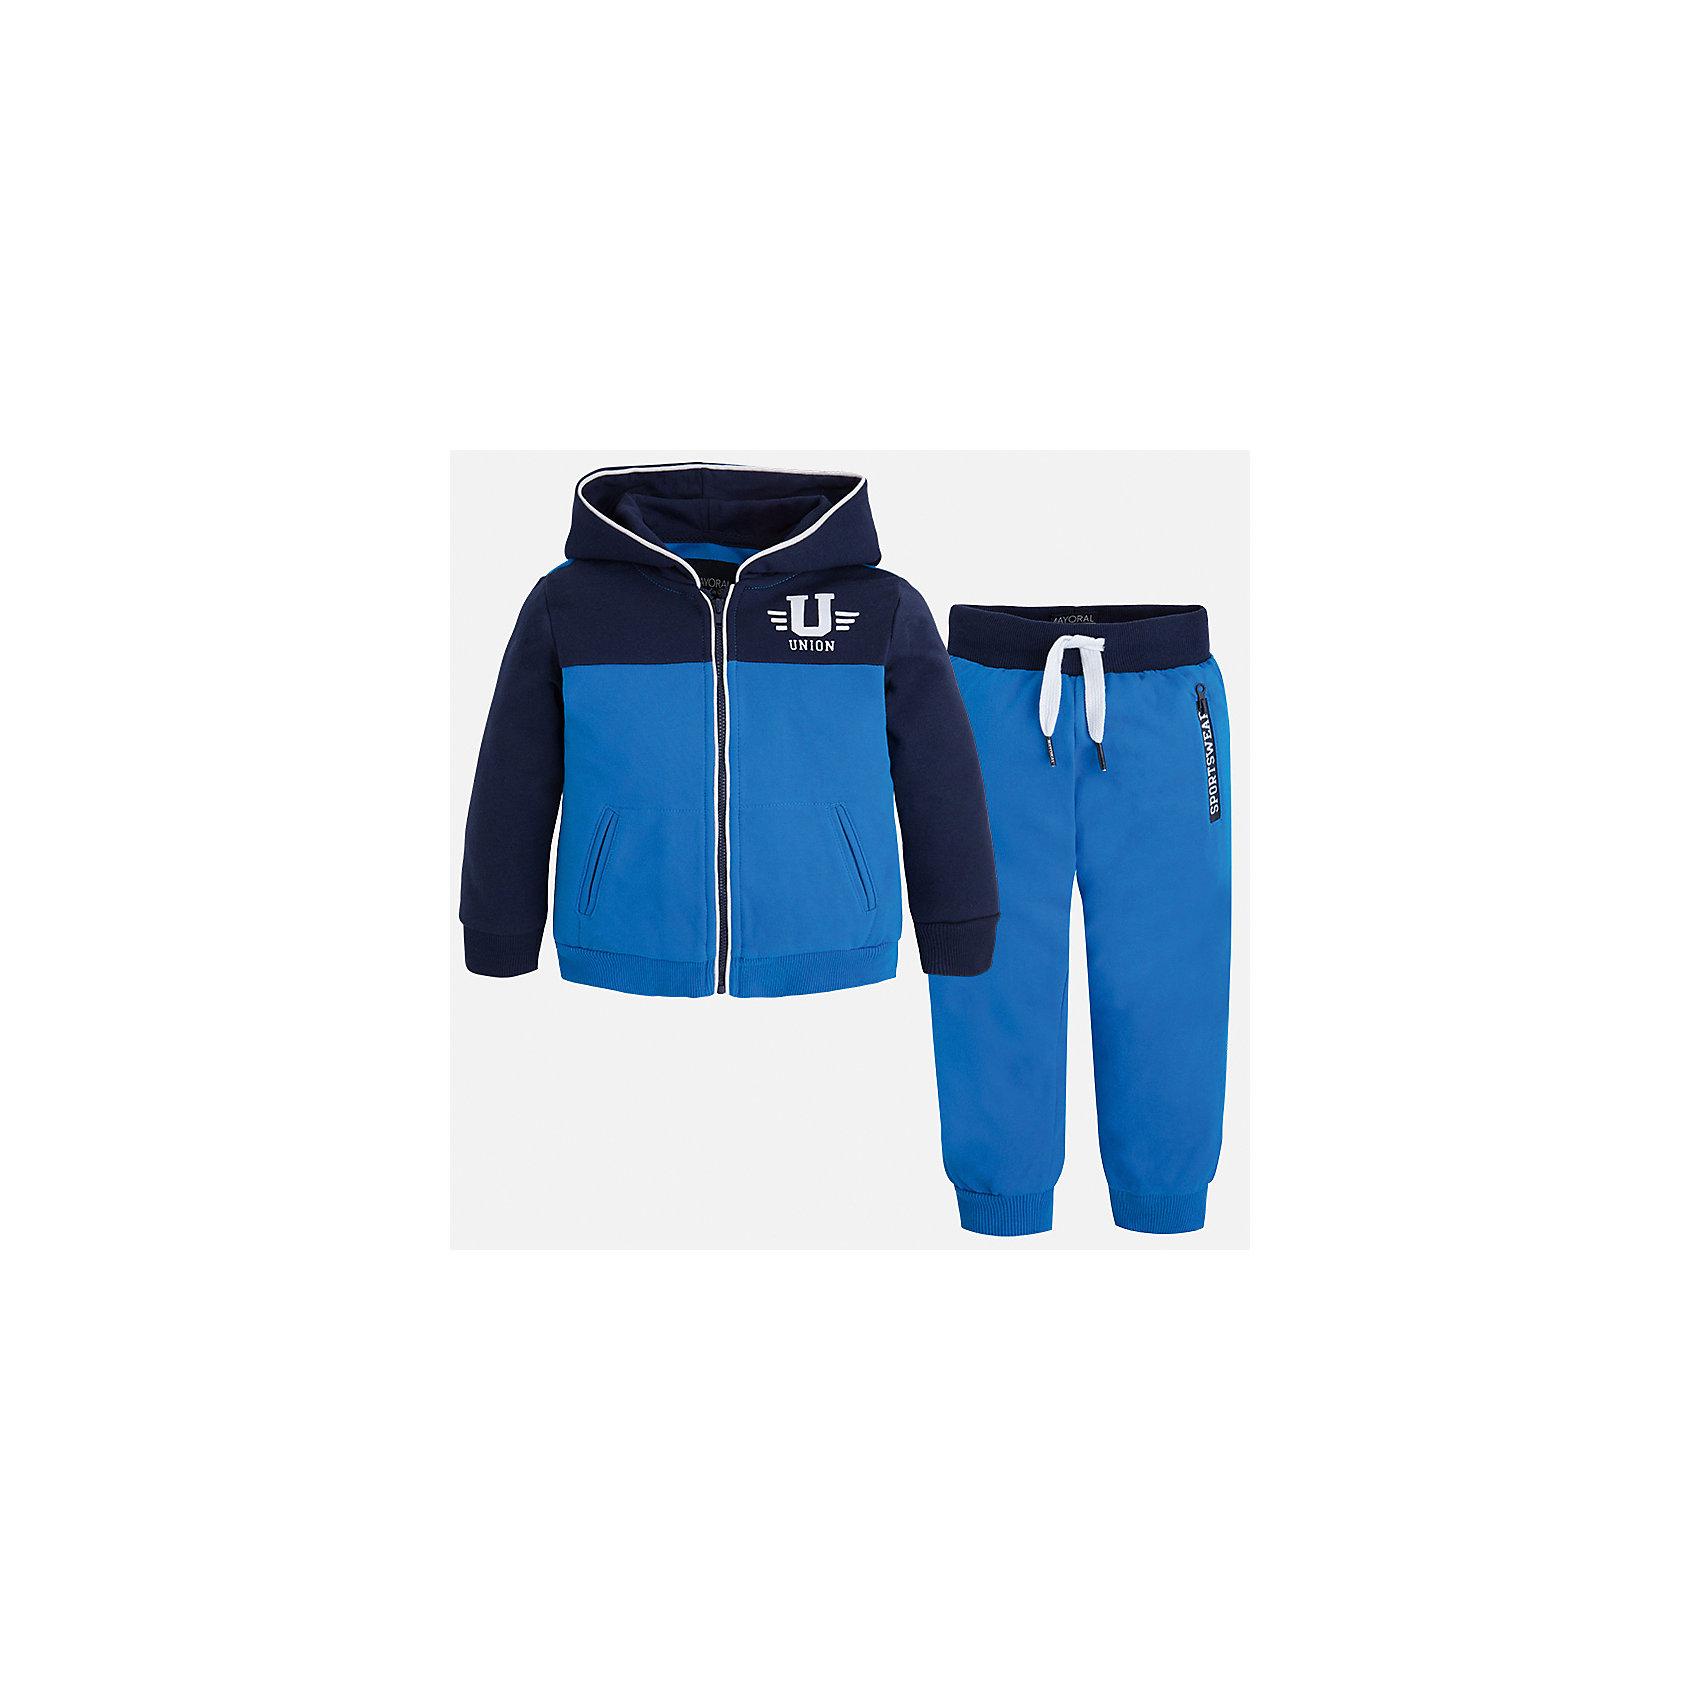 Спортивный костюм для мальчика MayoralКомплекты<br>Характеристики товара:<br><br>• цвет: синий<br>• состав: 60% хлопок, 40% полиэстер<br>• комплектация: курточка, штаны<br>• куртка декорирована принтом<br>• карманы<br>• капюшон<br>• штаны - пояс на шнурке<br>• манжеты<br>• страна бренда: Испания<br><br>Стильный качественный спортивный костюм для мальчика поможет разнообразить гардероб ребенка и удобно одеться. Курточка и штаны отлично сочетаются с другими предметами. Универсальный цвет позволяет подобрать к вещам верхнюю одежду практически любой расцветки. Интересная отделка модели делает её нарядной и оригинальной. В составе материала - натуральный хлопок, гипоаллергенный, приятный на ощупь, дышащий.<br><br>Одежда, обувь и аксессуары от испанского бренда Mayoral полюбились детям и взрослым по всему миру. Модели этой марки - стильные и удобные. Для их производства используются только безопасные, качественные материалы и фурнитура. Порадуйте ребенка модными и красивыми вещами от Mayoral! <br><br>Спортивный костюм для мальчика от испанского бренда Mayoral (Майорал) можно купить в нашем интернет-магазине.<br><br>Ширина мм: 247<br>Глубина мм: 16<br>Высота мм: 140<br>Вес г: 225<br>Цвет: синий<br>Возраст от месяцев: 18<br>Возраст до месяцев: 24<br>Пол: Мужской<br>Возраст: Детский<br>Размер: 92,116,110,122,98,134,104,128<br>SKU: 5281171